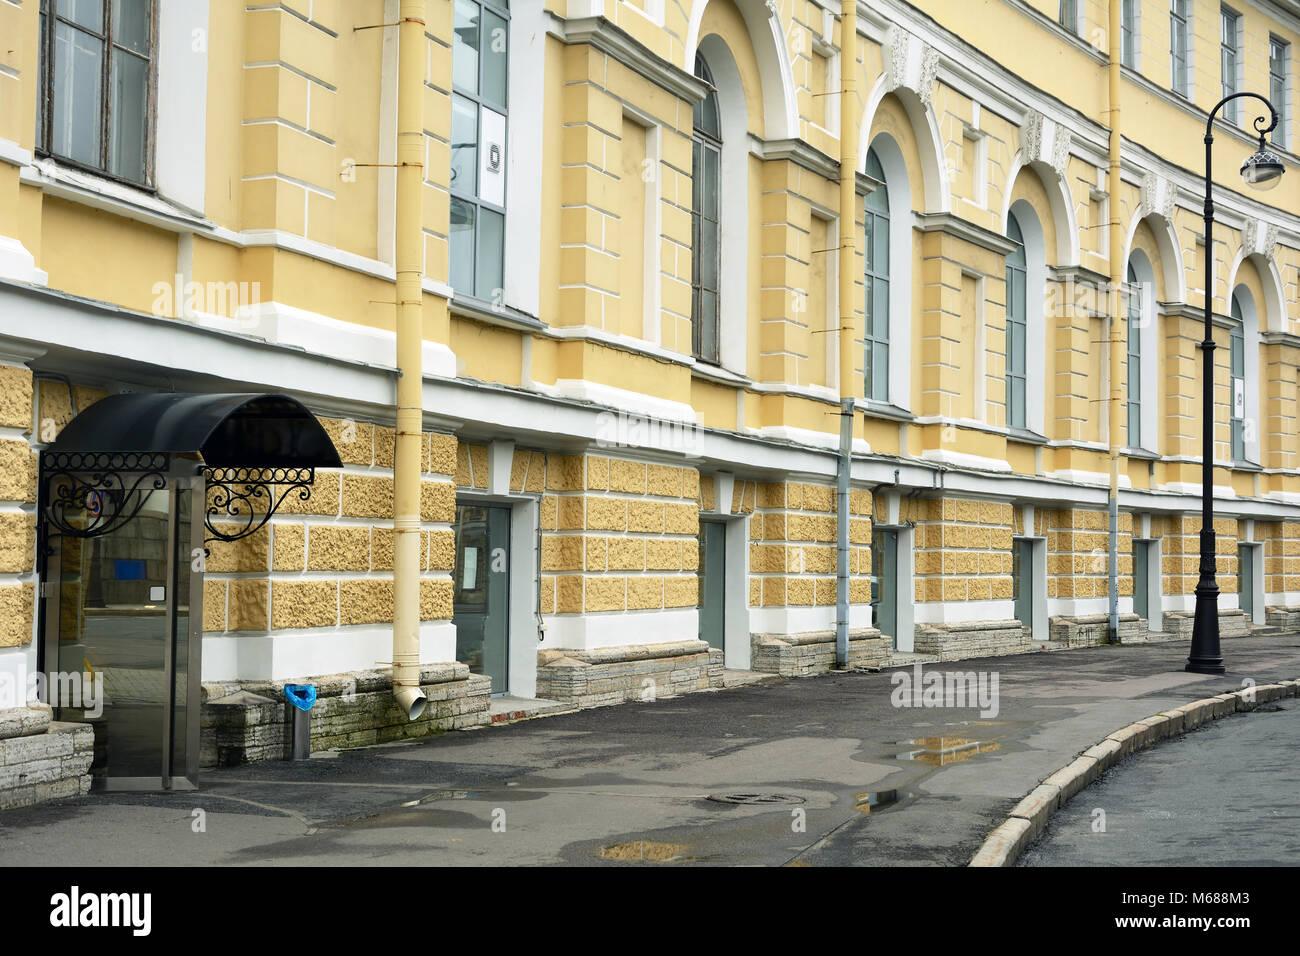 San Petersburgo, fachada del edificio almacén de \